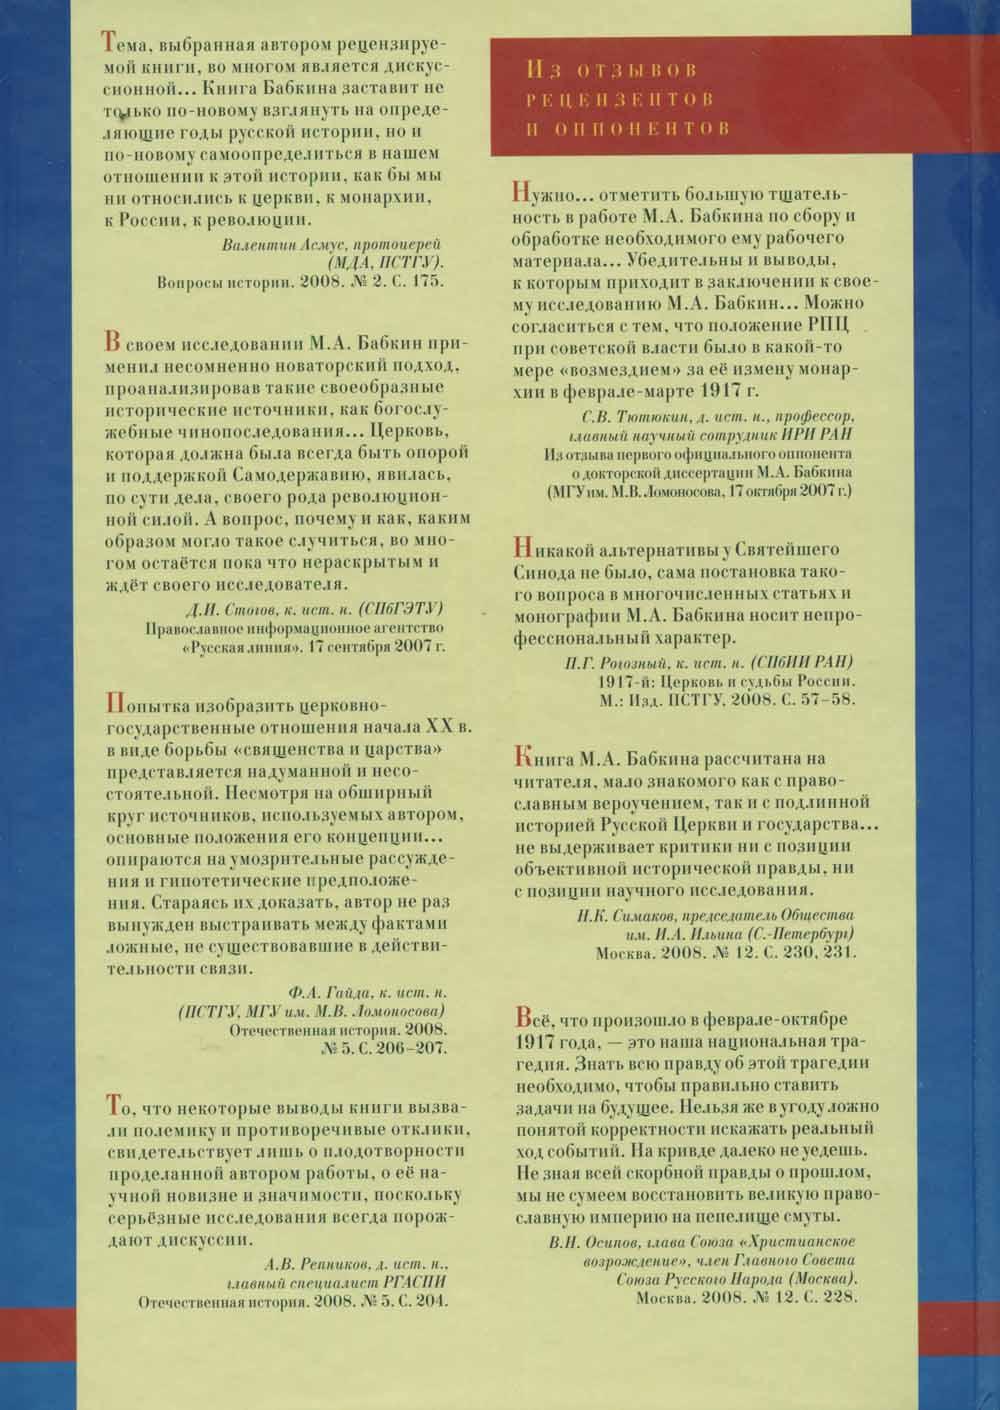 Проституты москвы отзывы клиентов 11 фотография